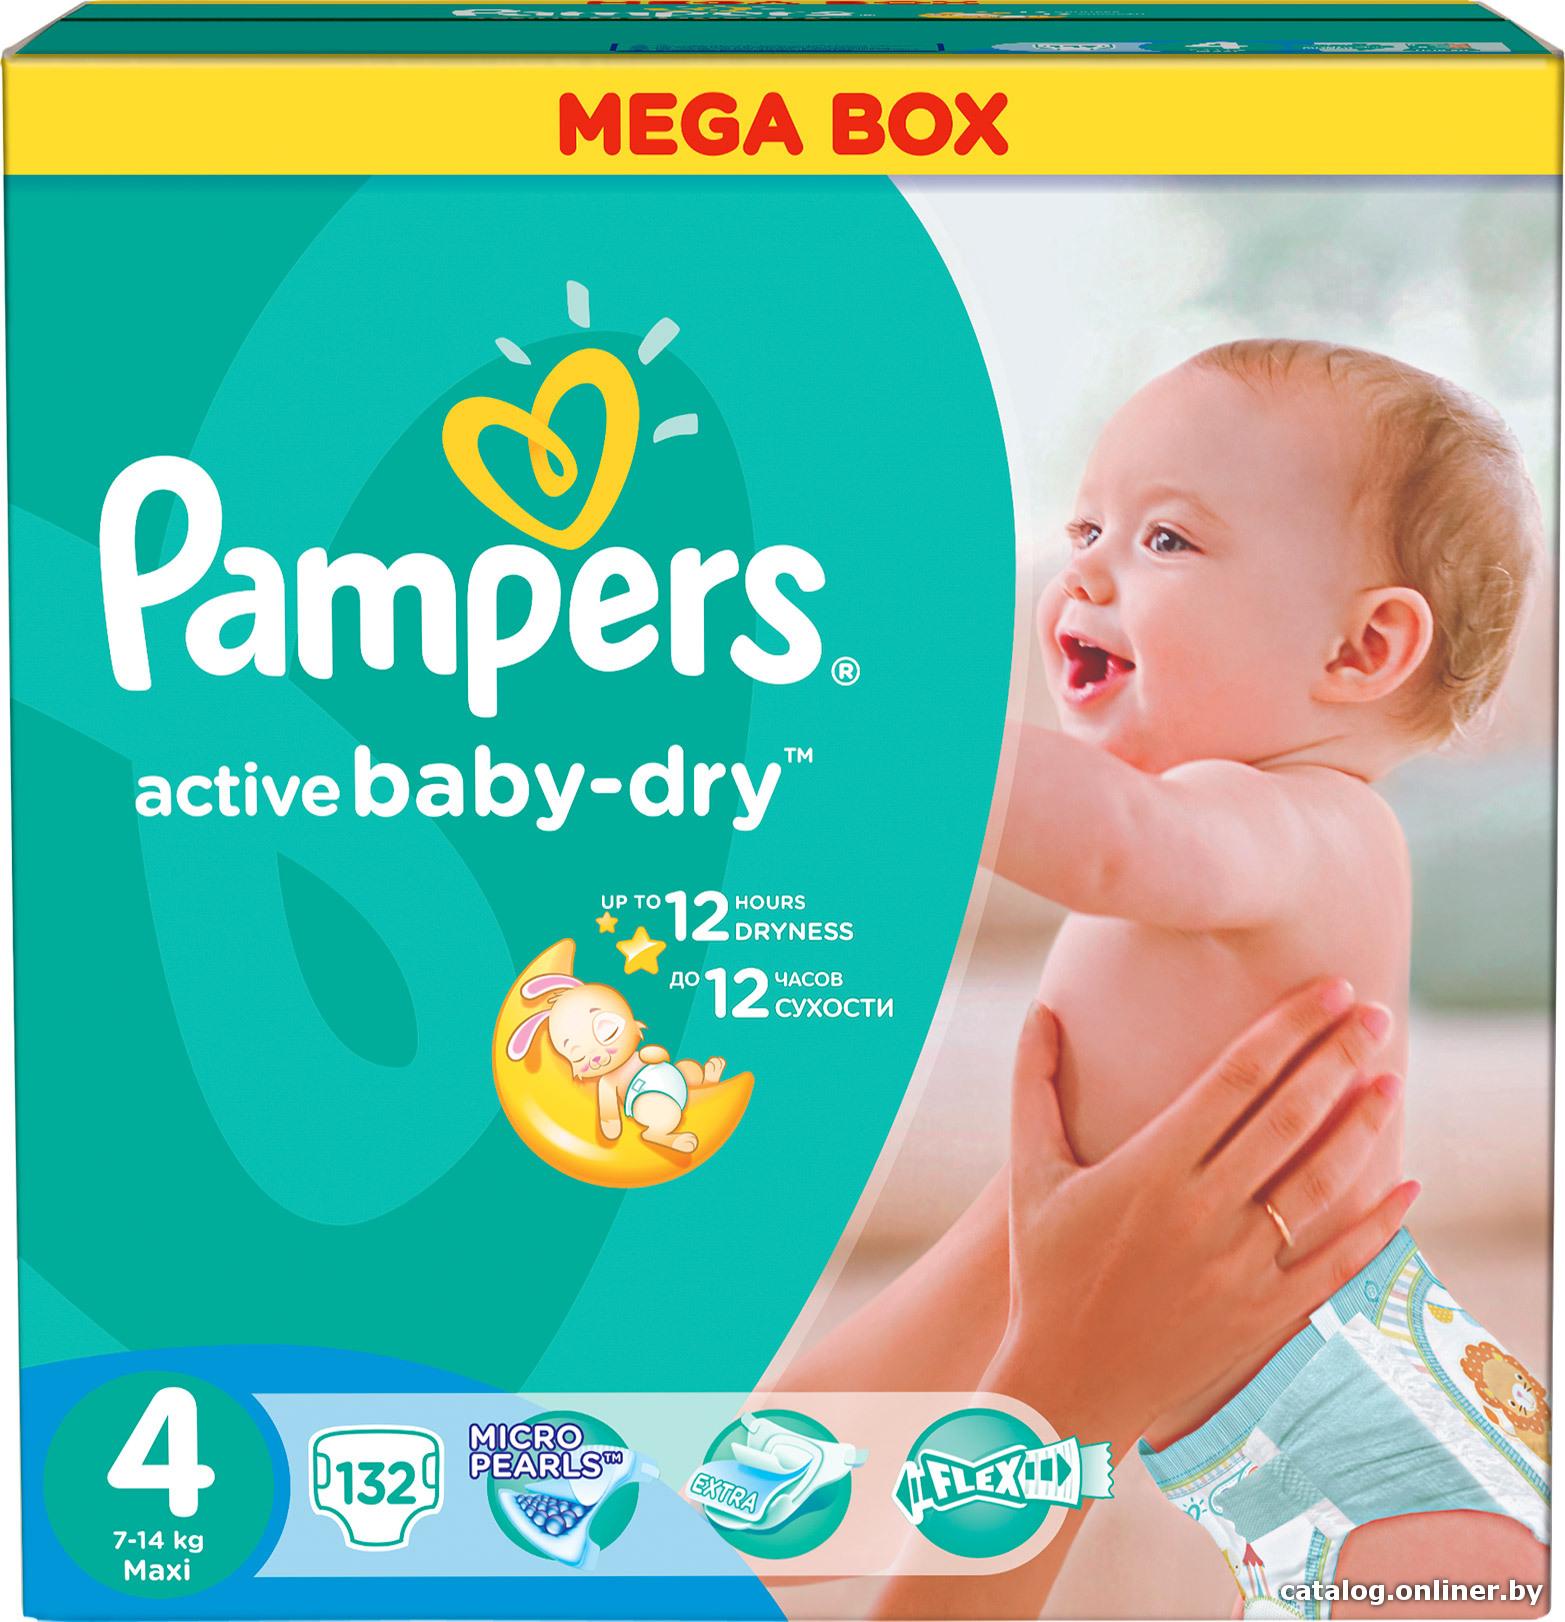 Pampers Active Baby-Dry 4 Maxi (132 шт) подгузники купить в Минске 099a04790f4